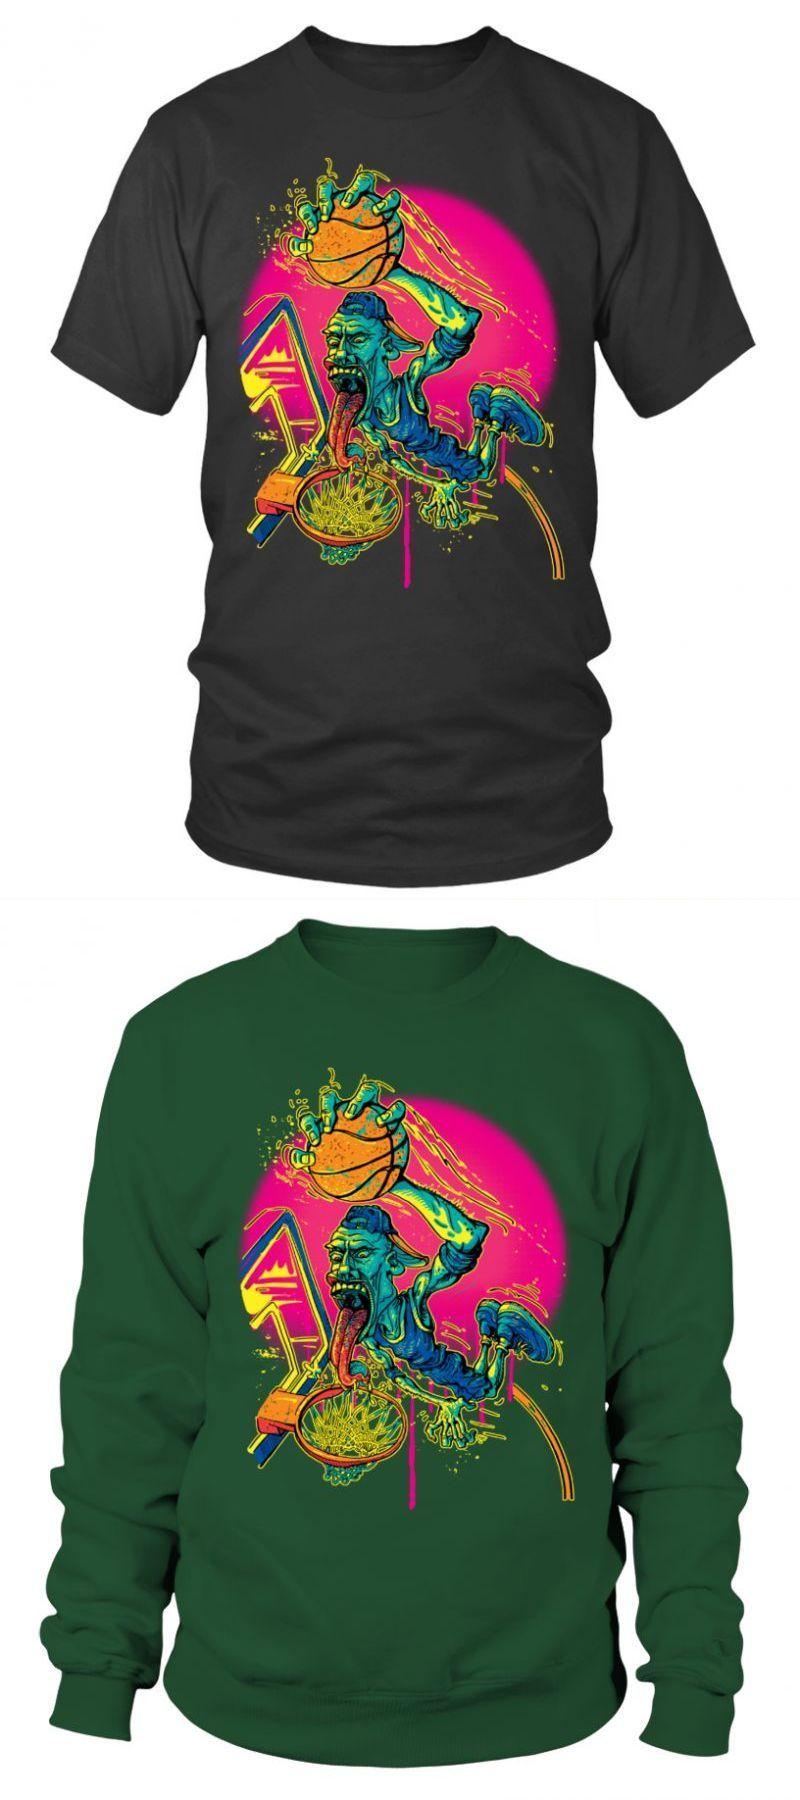 Basketball T Shirt Designs High School Street Baller Drooling